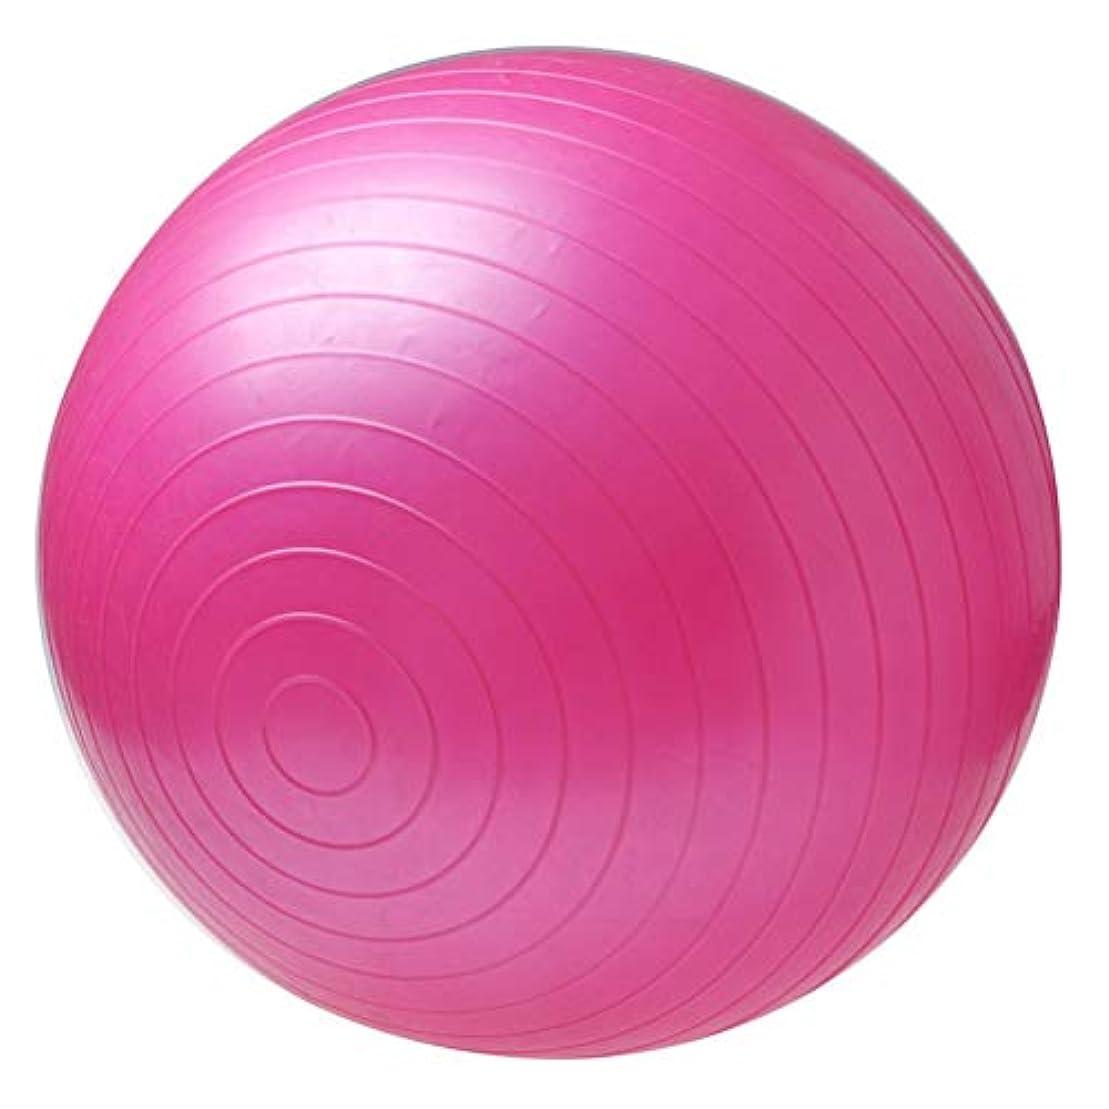 医療の透過性保守的非毒性スポーツヨガボールボラピラティスフィットネスジムバランスフィットボールエクササイズピラティスワークアウトマッサージボール - ピンク75センチ